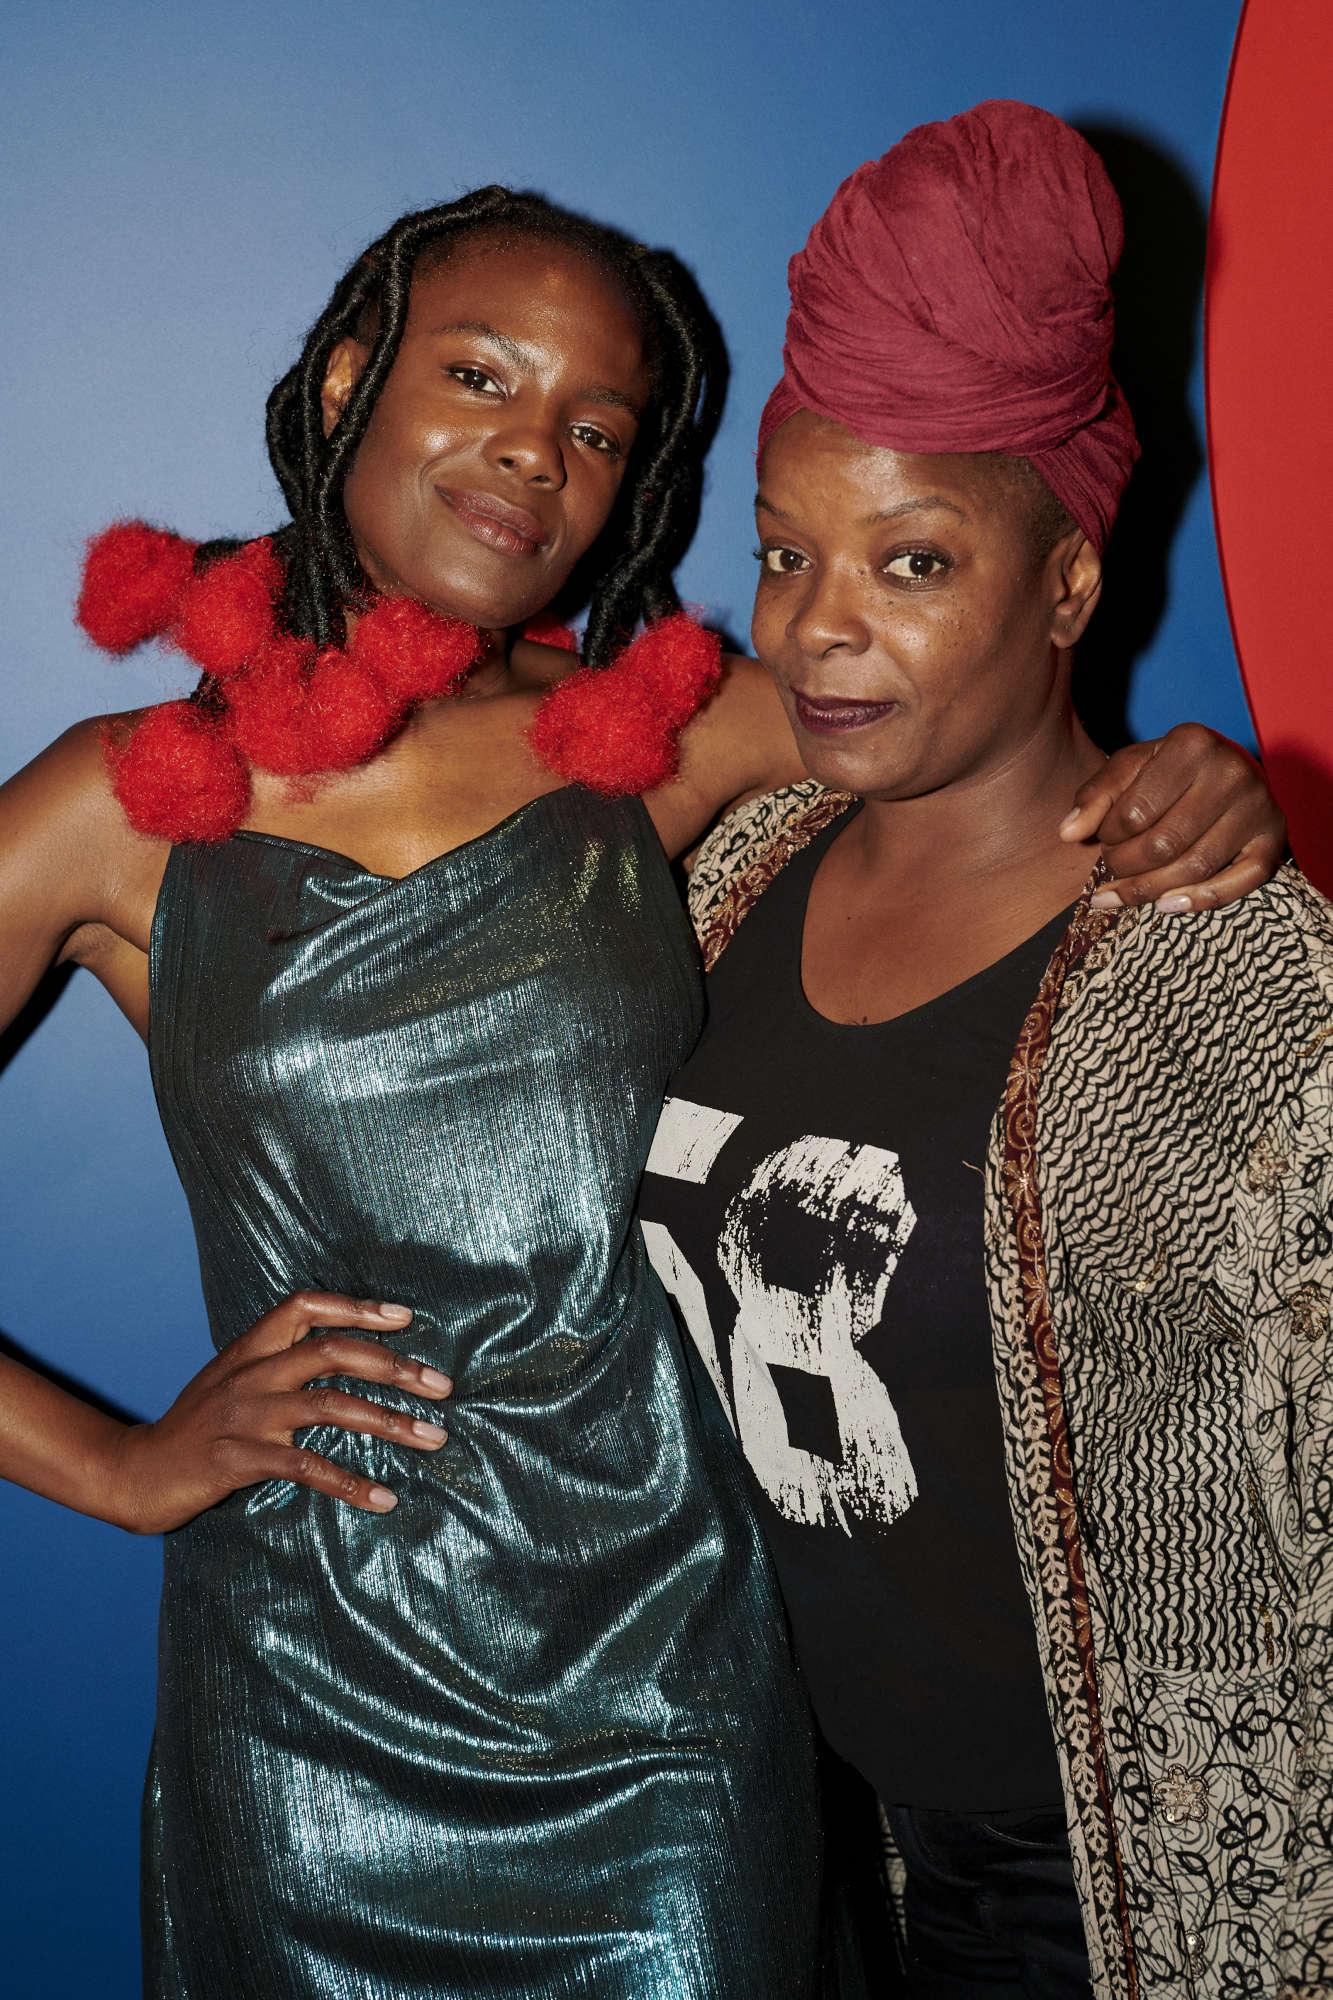 Shingai Shoniwa and Taponeswa Mavunga